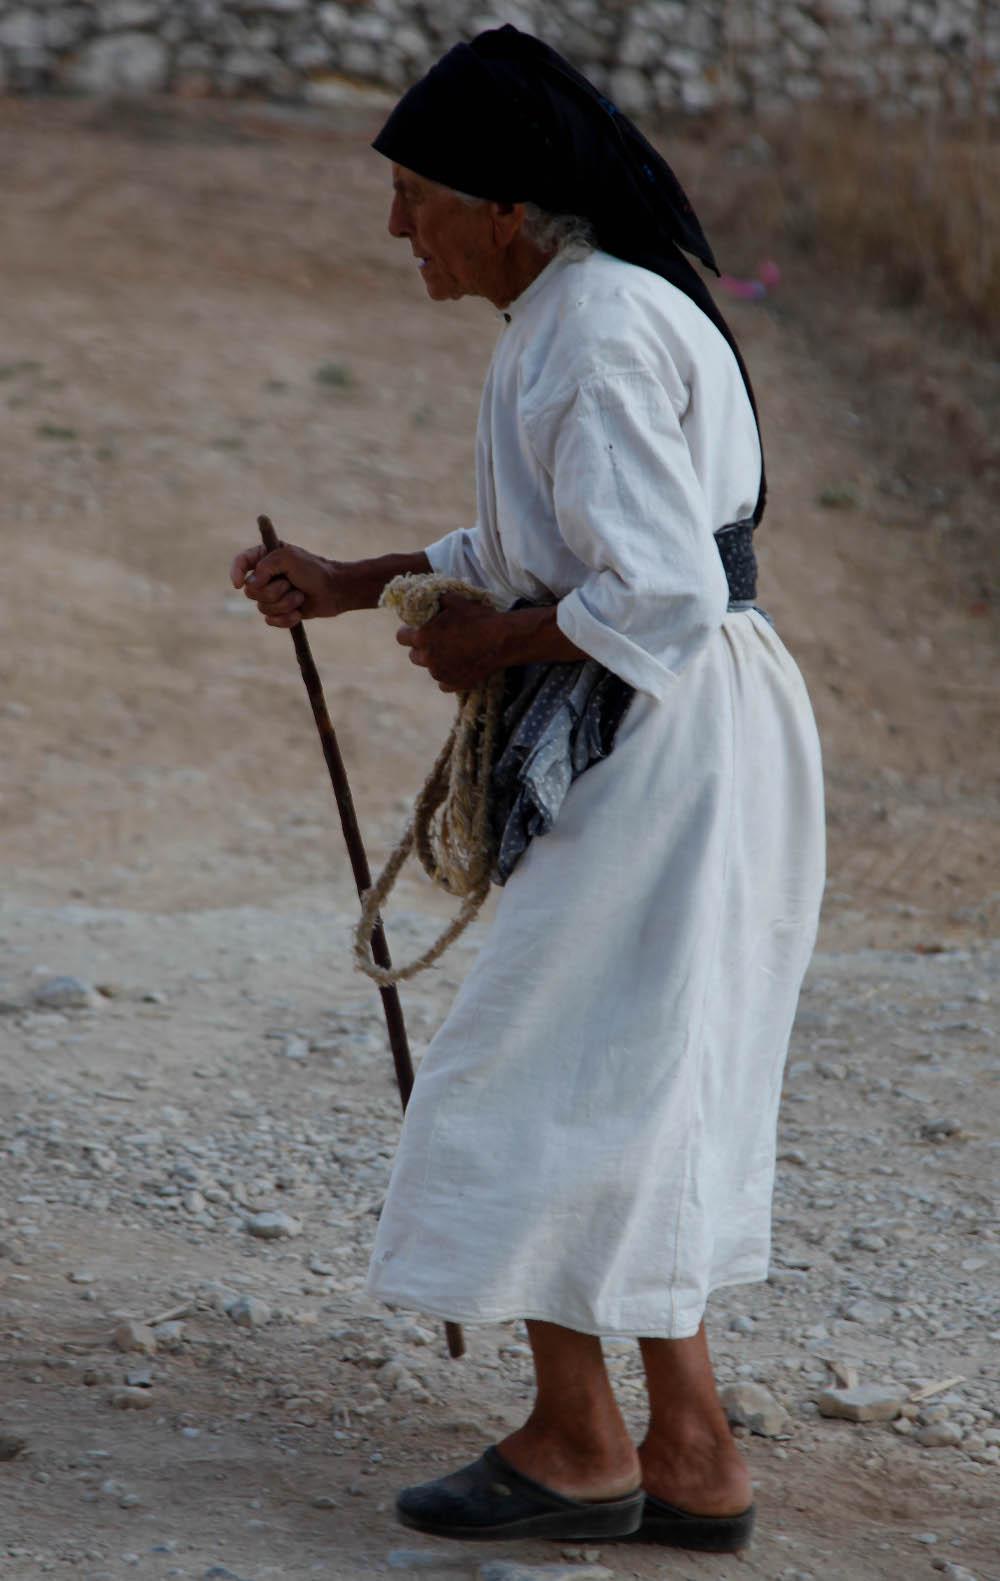 Κάτοικος του χωριού Όλυμπος στην Κάρπαθο